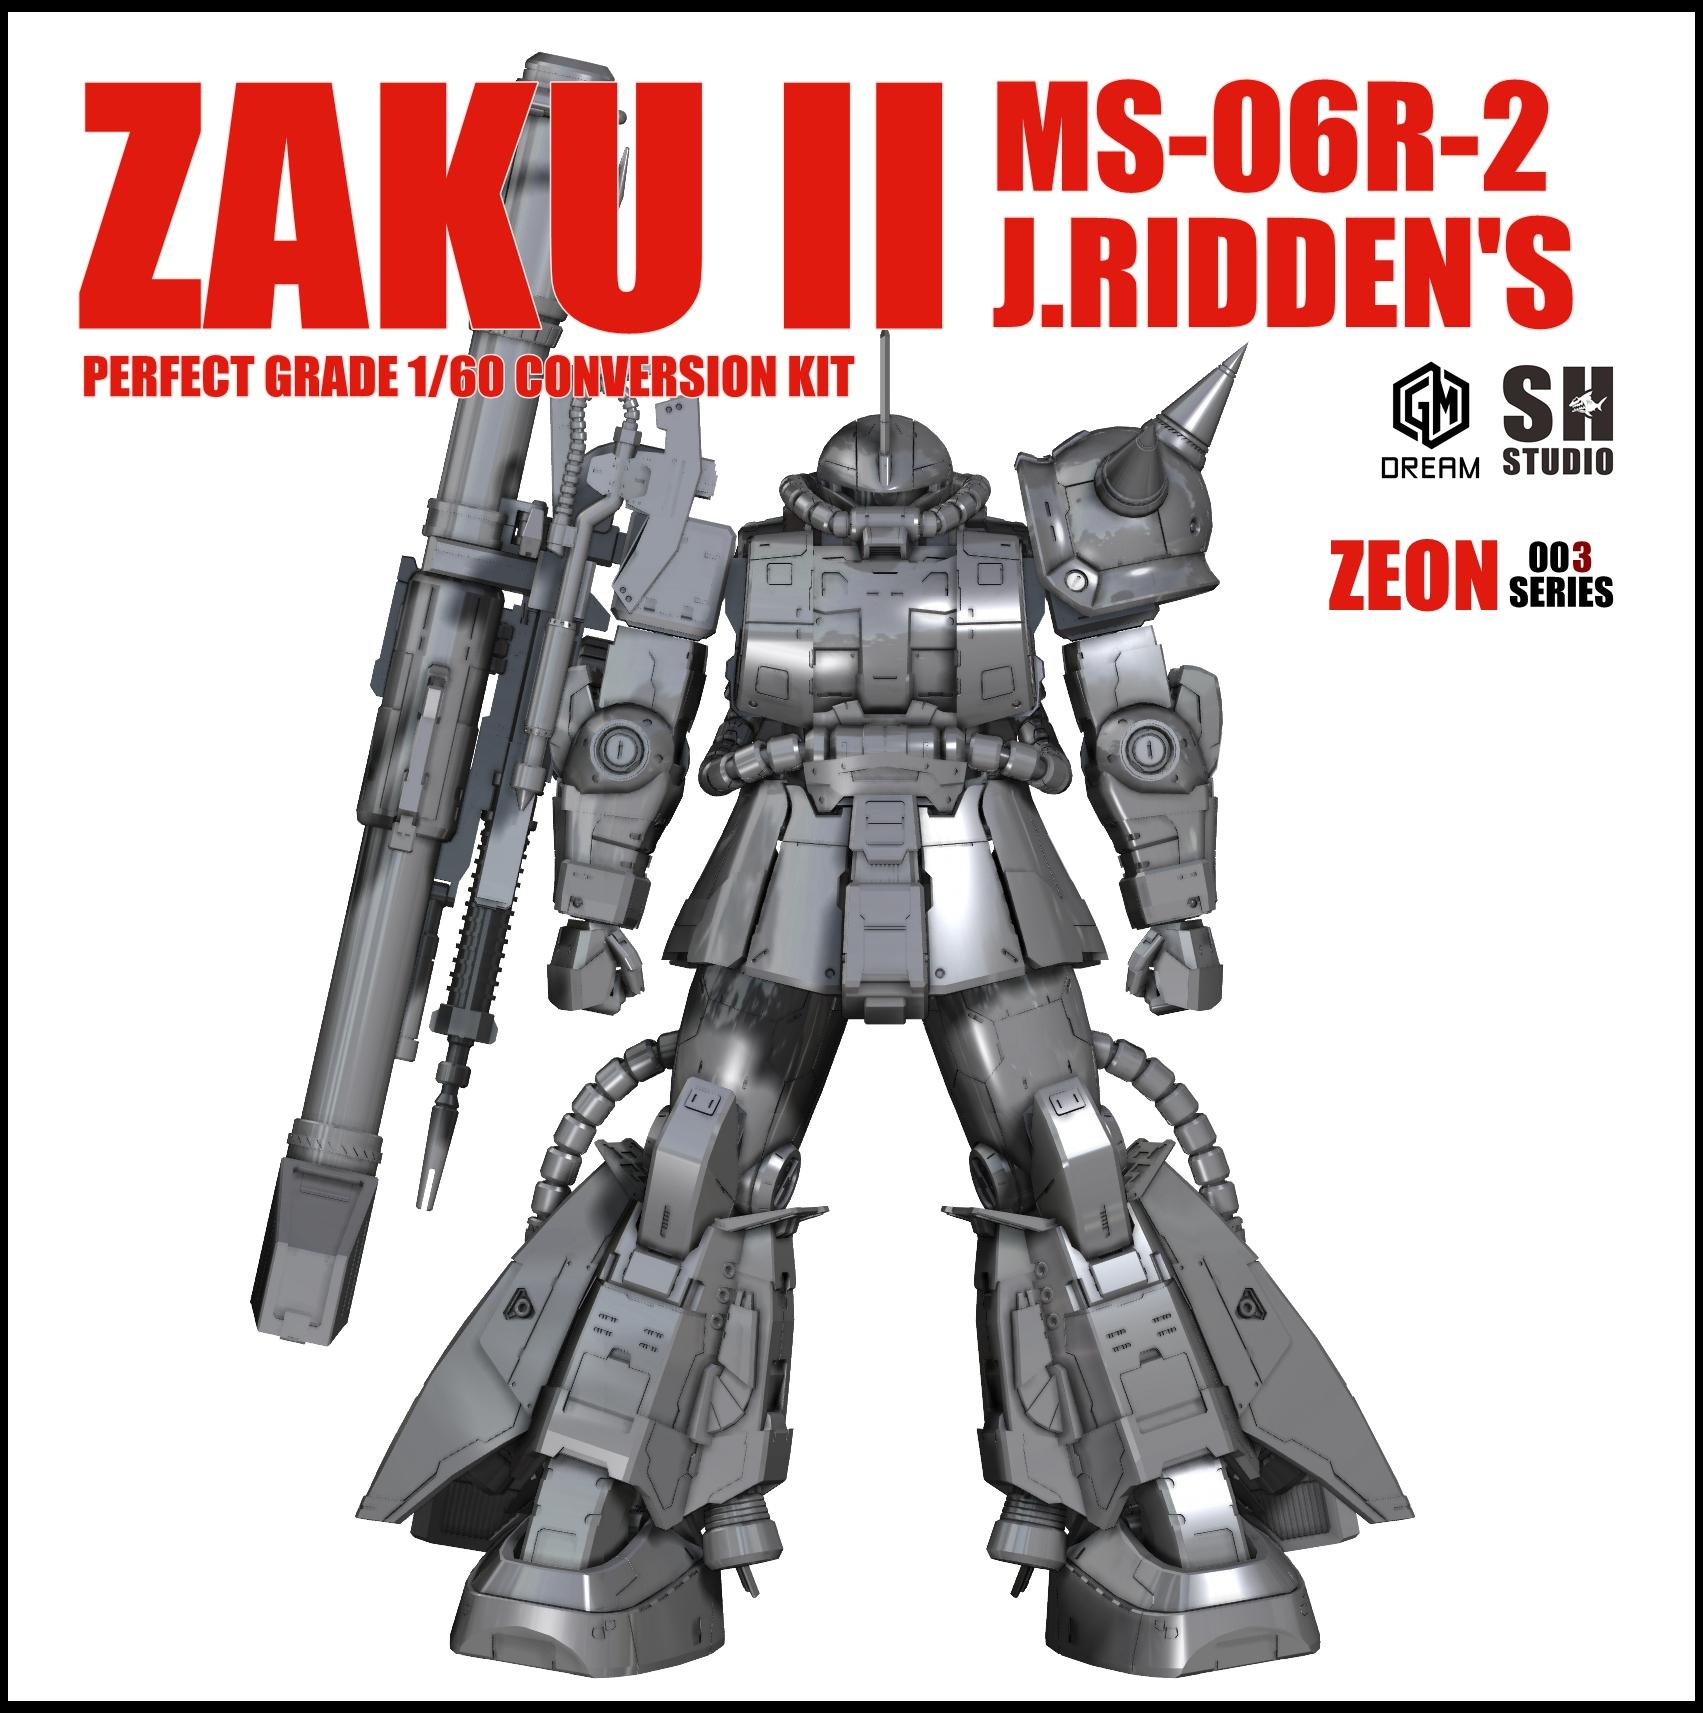 G733_PG_MS_06R_2_zaku_001.jpg